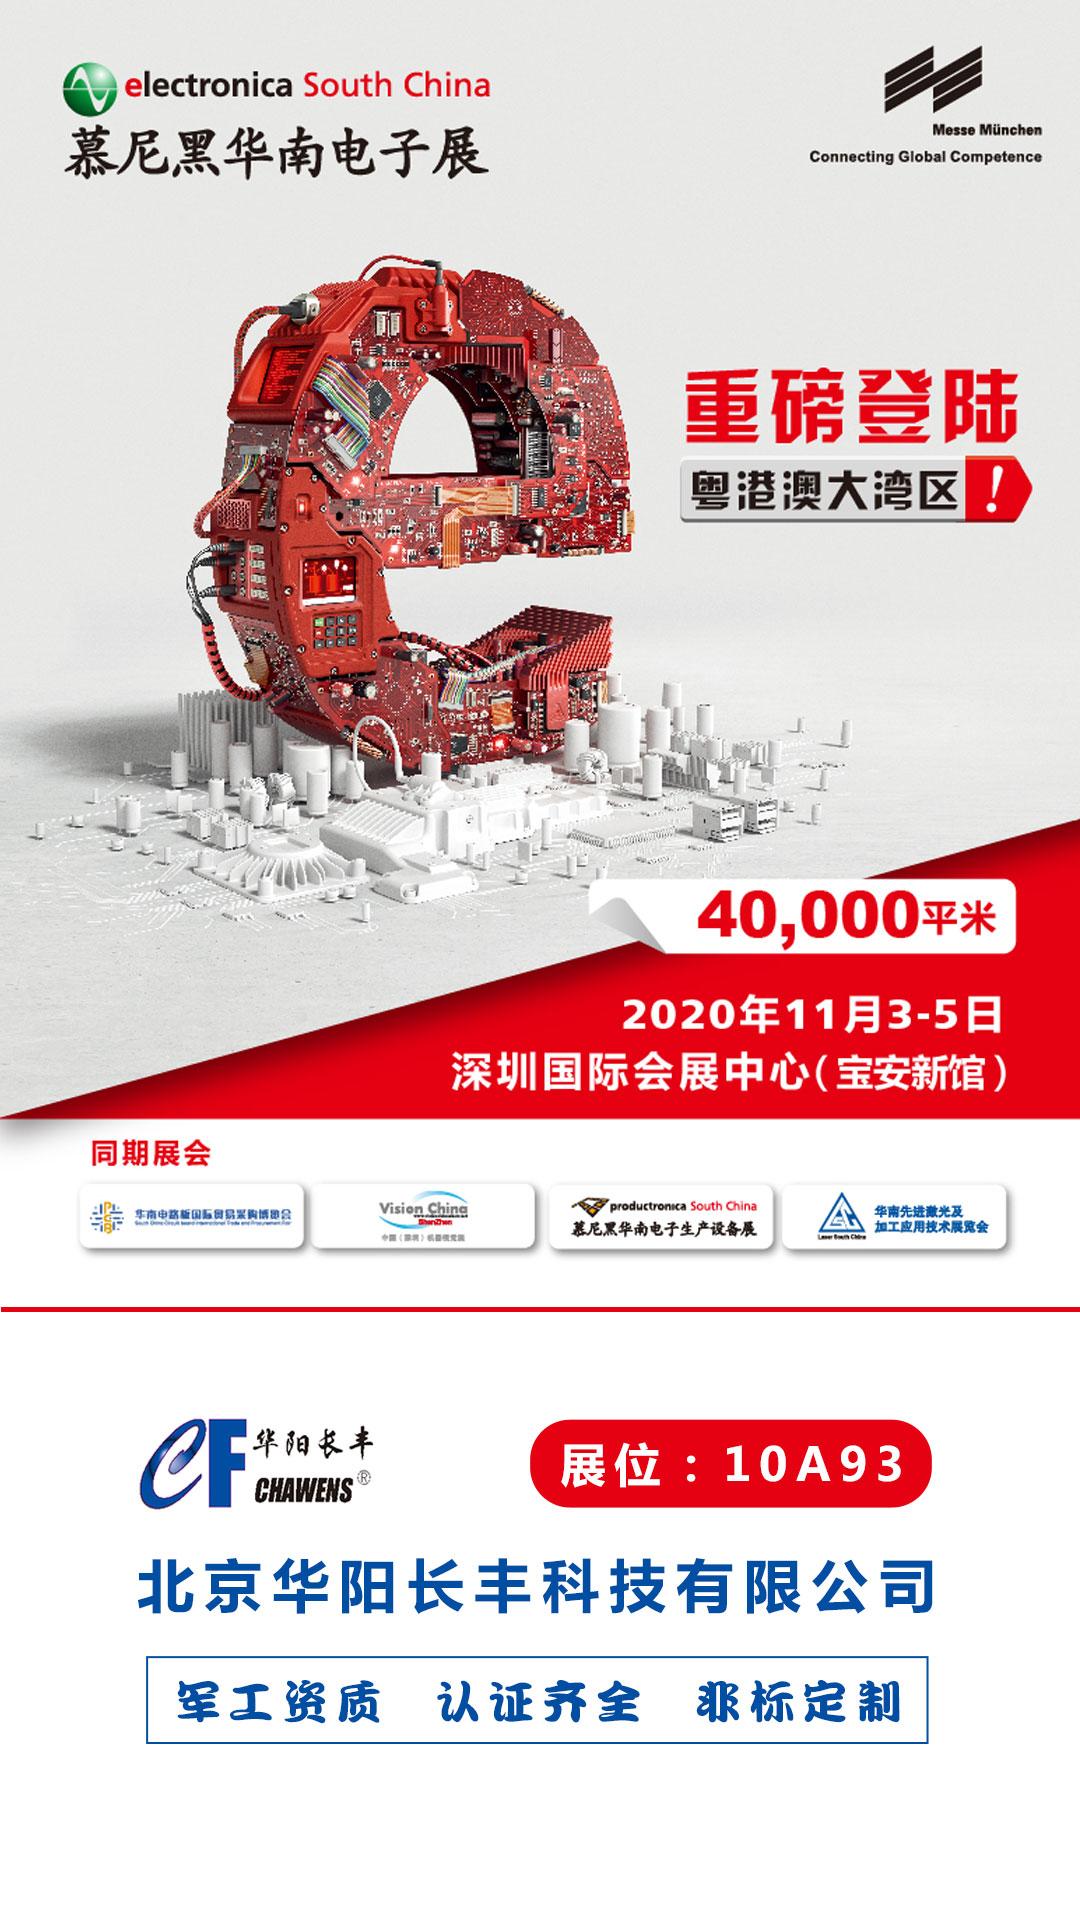 慕尼黑华南展,欢迎光临深圳宝安新馆10A93展台